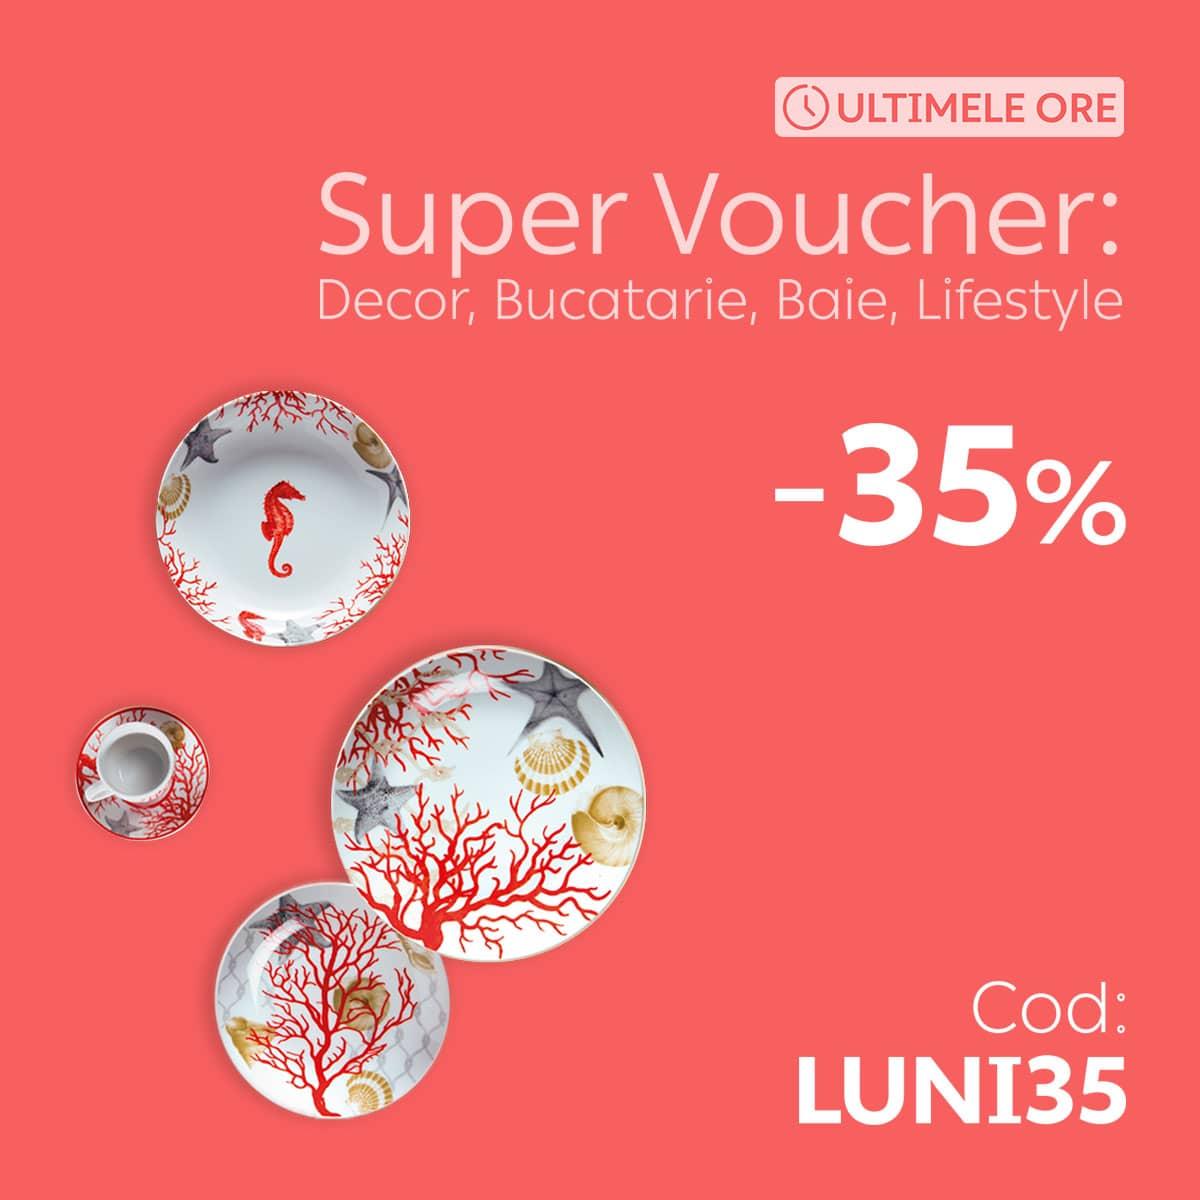 LUNI35